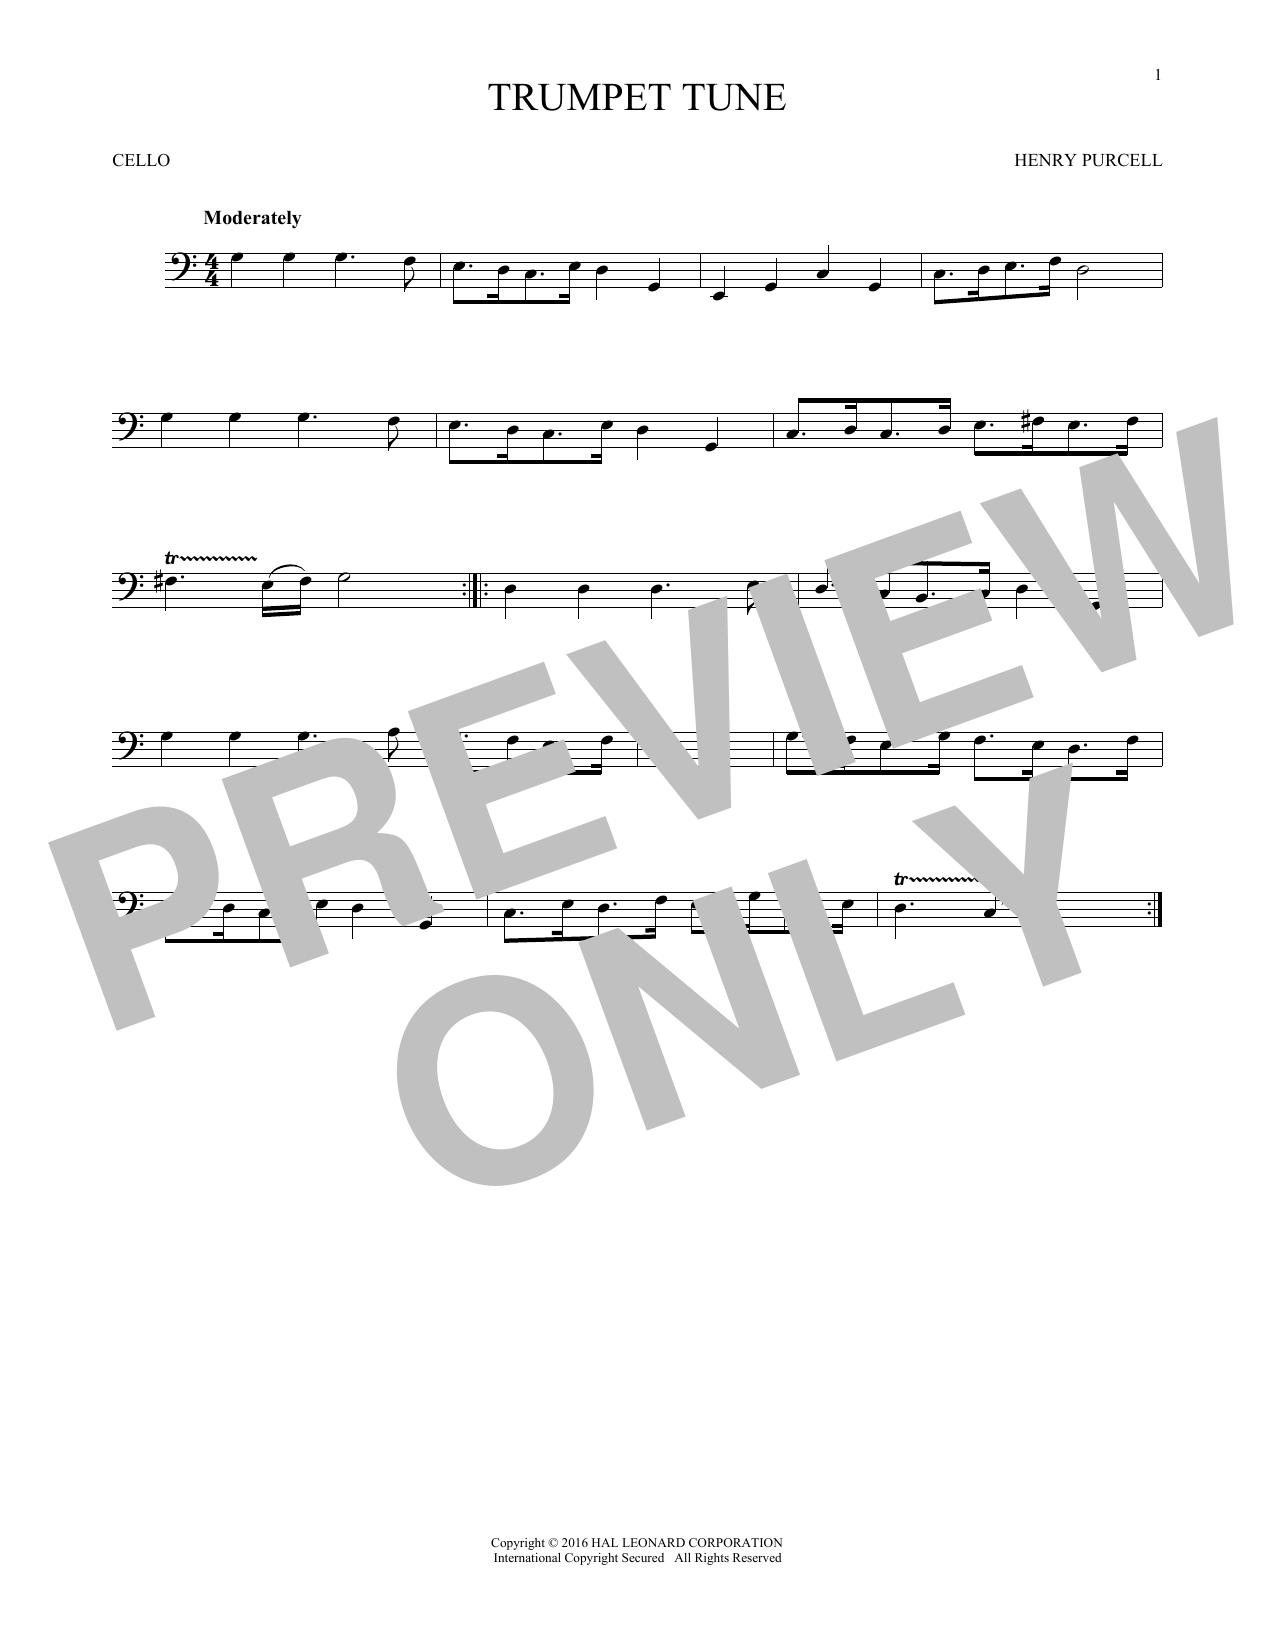 Trumpet Tune (Cello Solo)